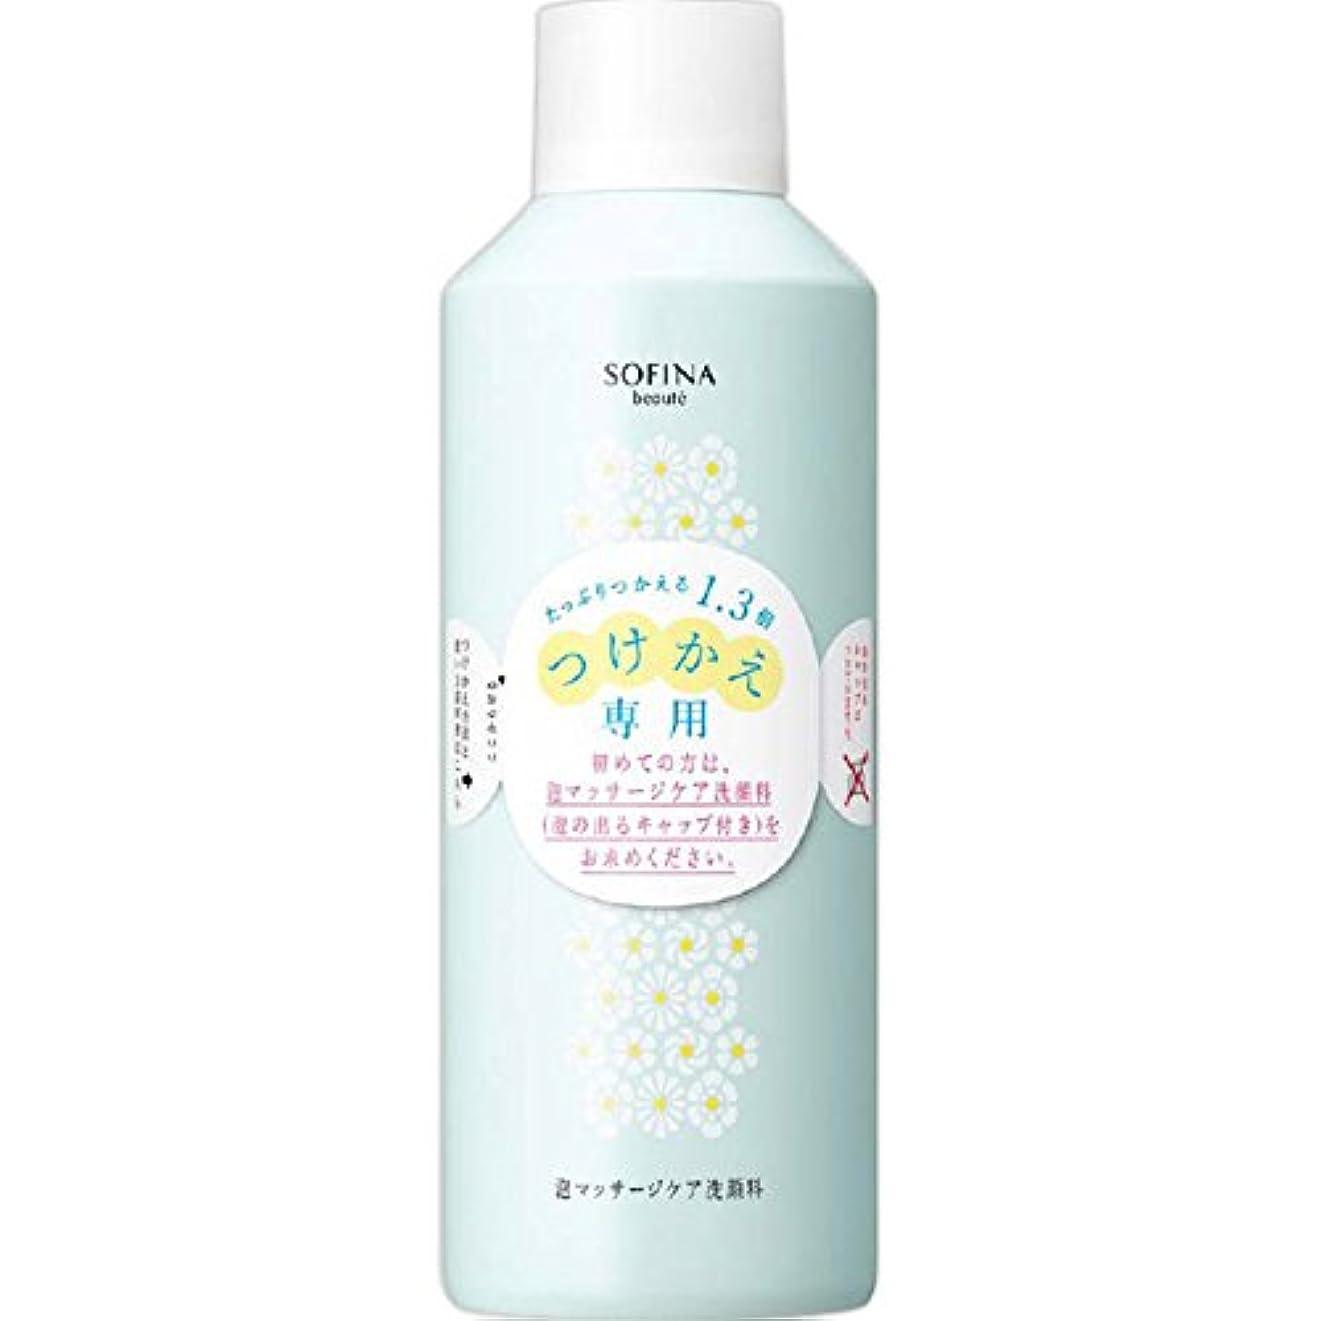 見つける愛国的なロマンス花王ソフィーナ ボーテ 泡マッサージケア洗顔料 つけかえ専用230g